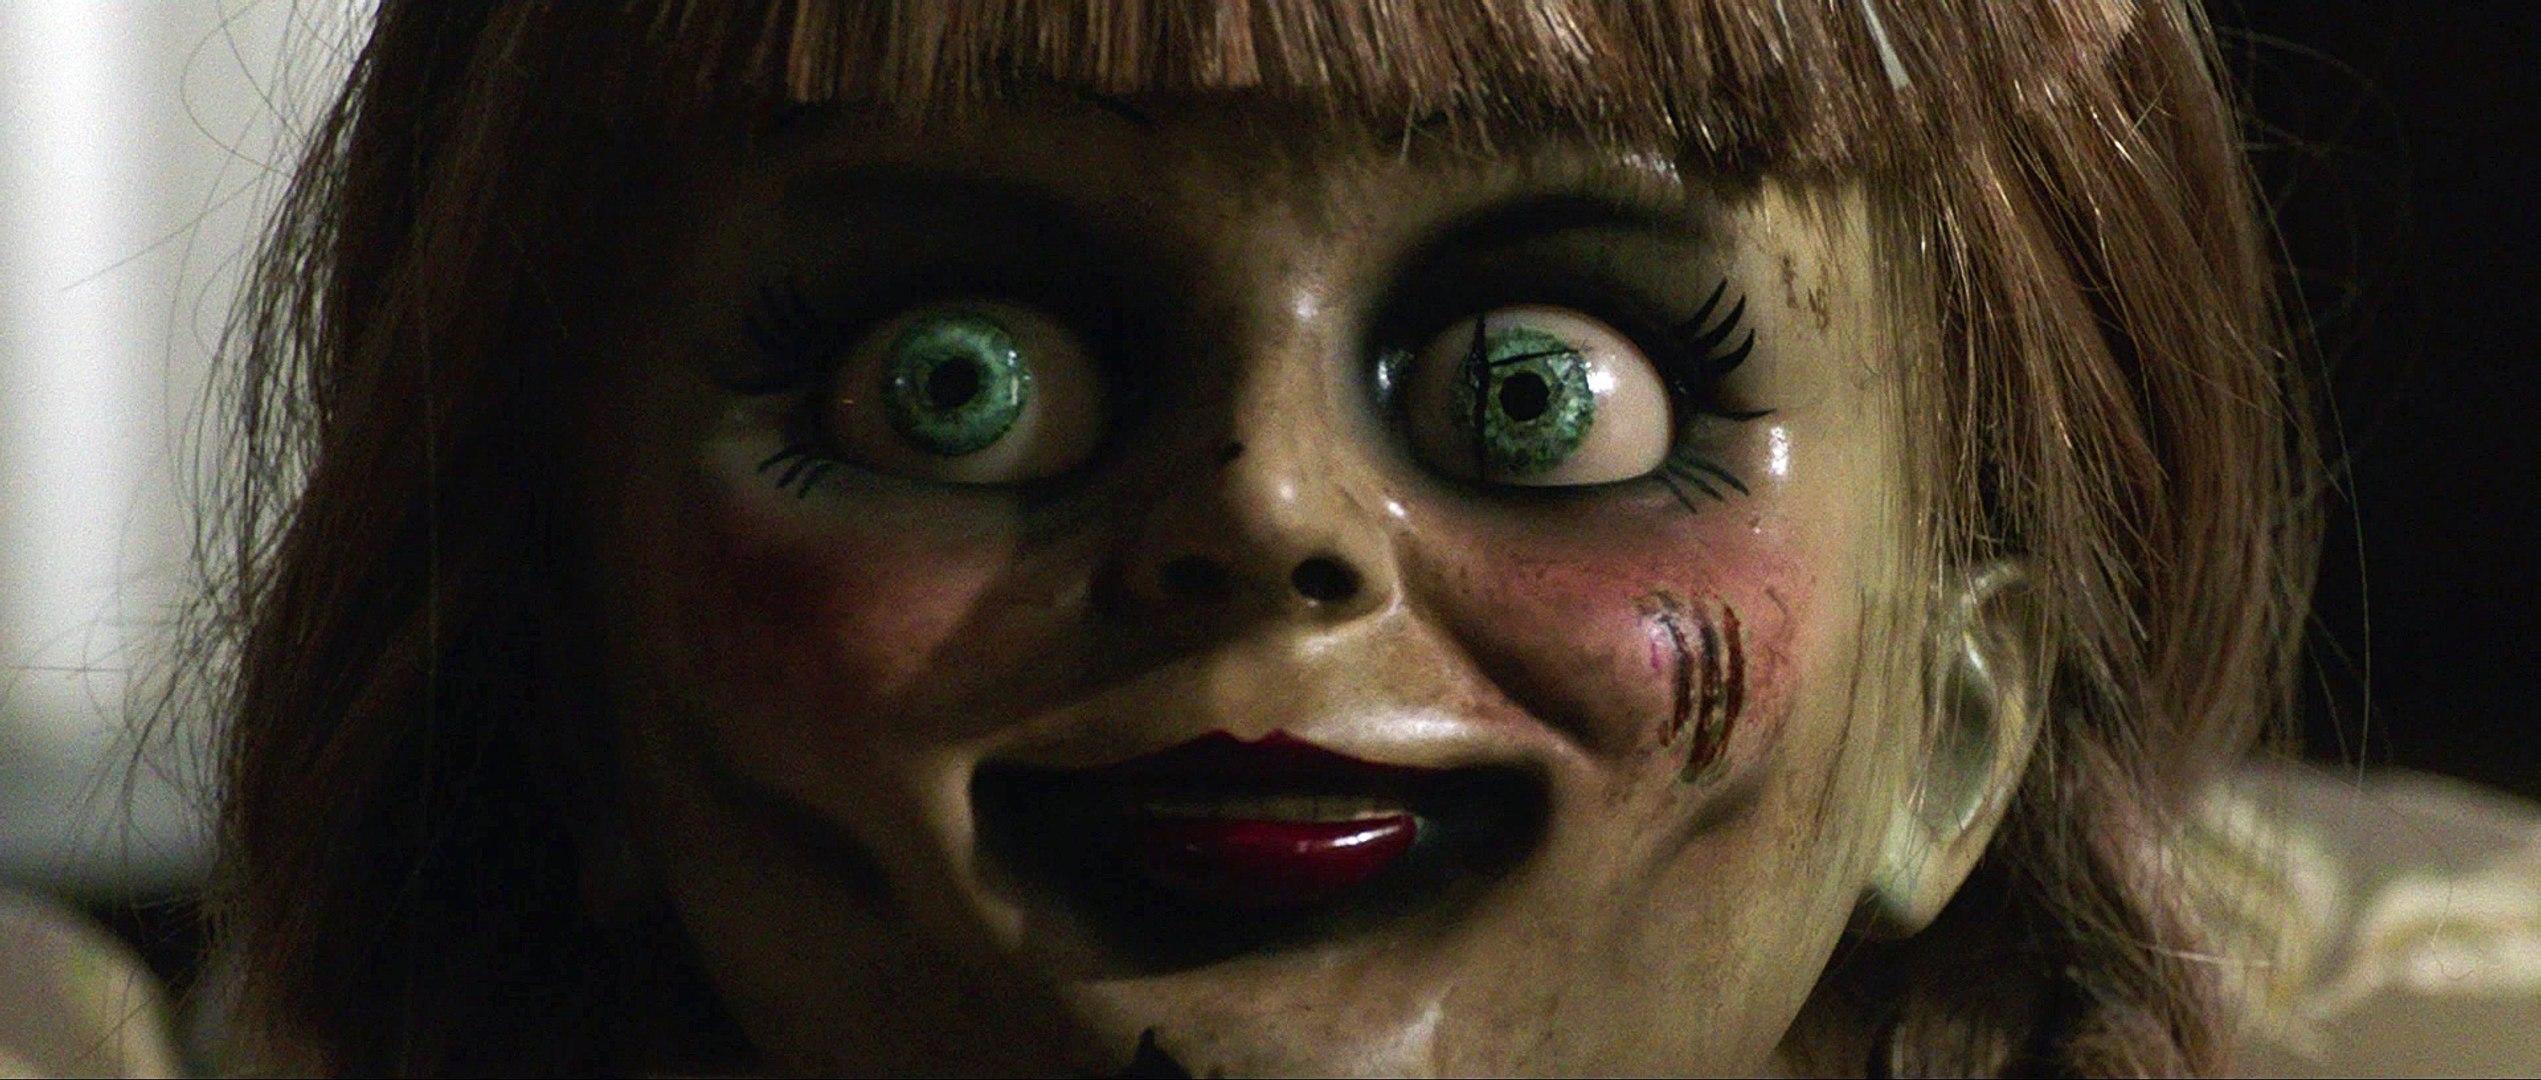 หนัง Annabelle Comes Home - Origin TV Spot (ซับไทย)